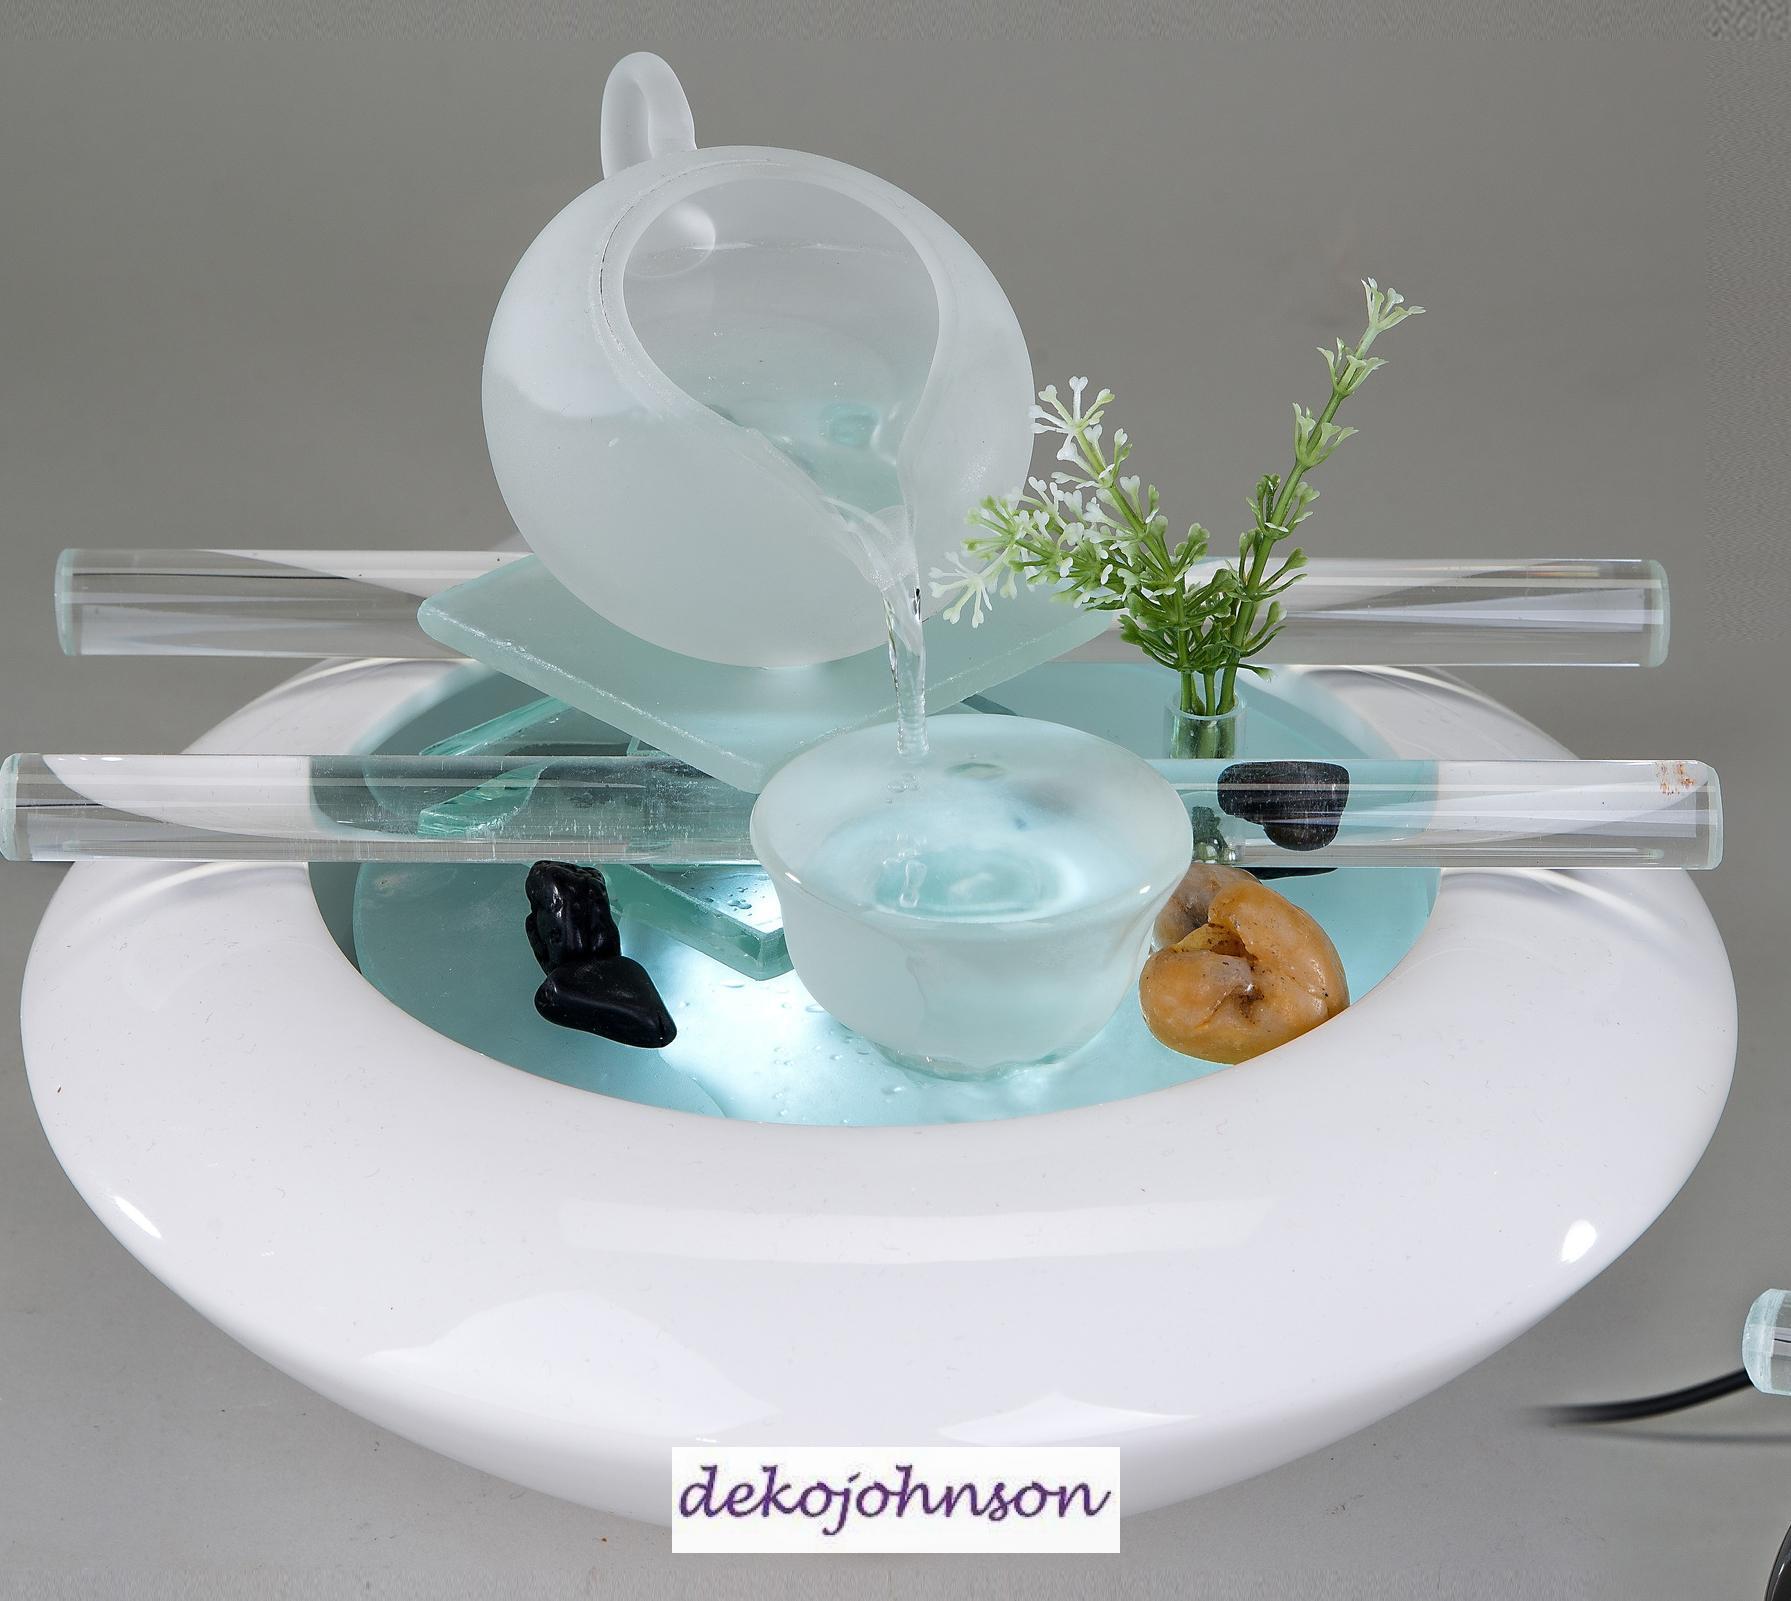 zimmerbrunnen modern zimmerbrunnen modern mit beleuchtung. Black Bedroom Furniture Sets. Home Design Ideas